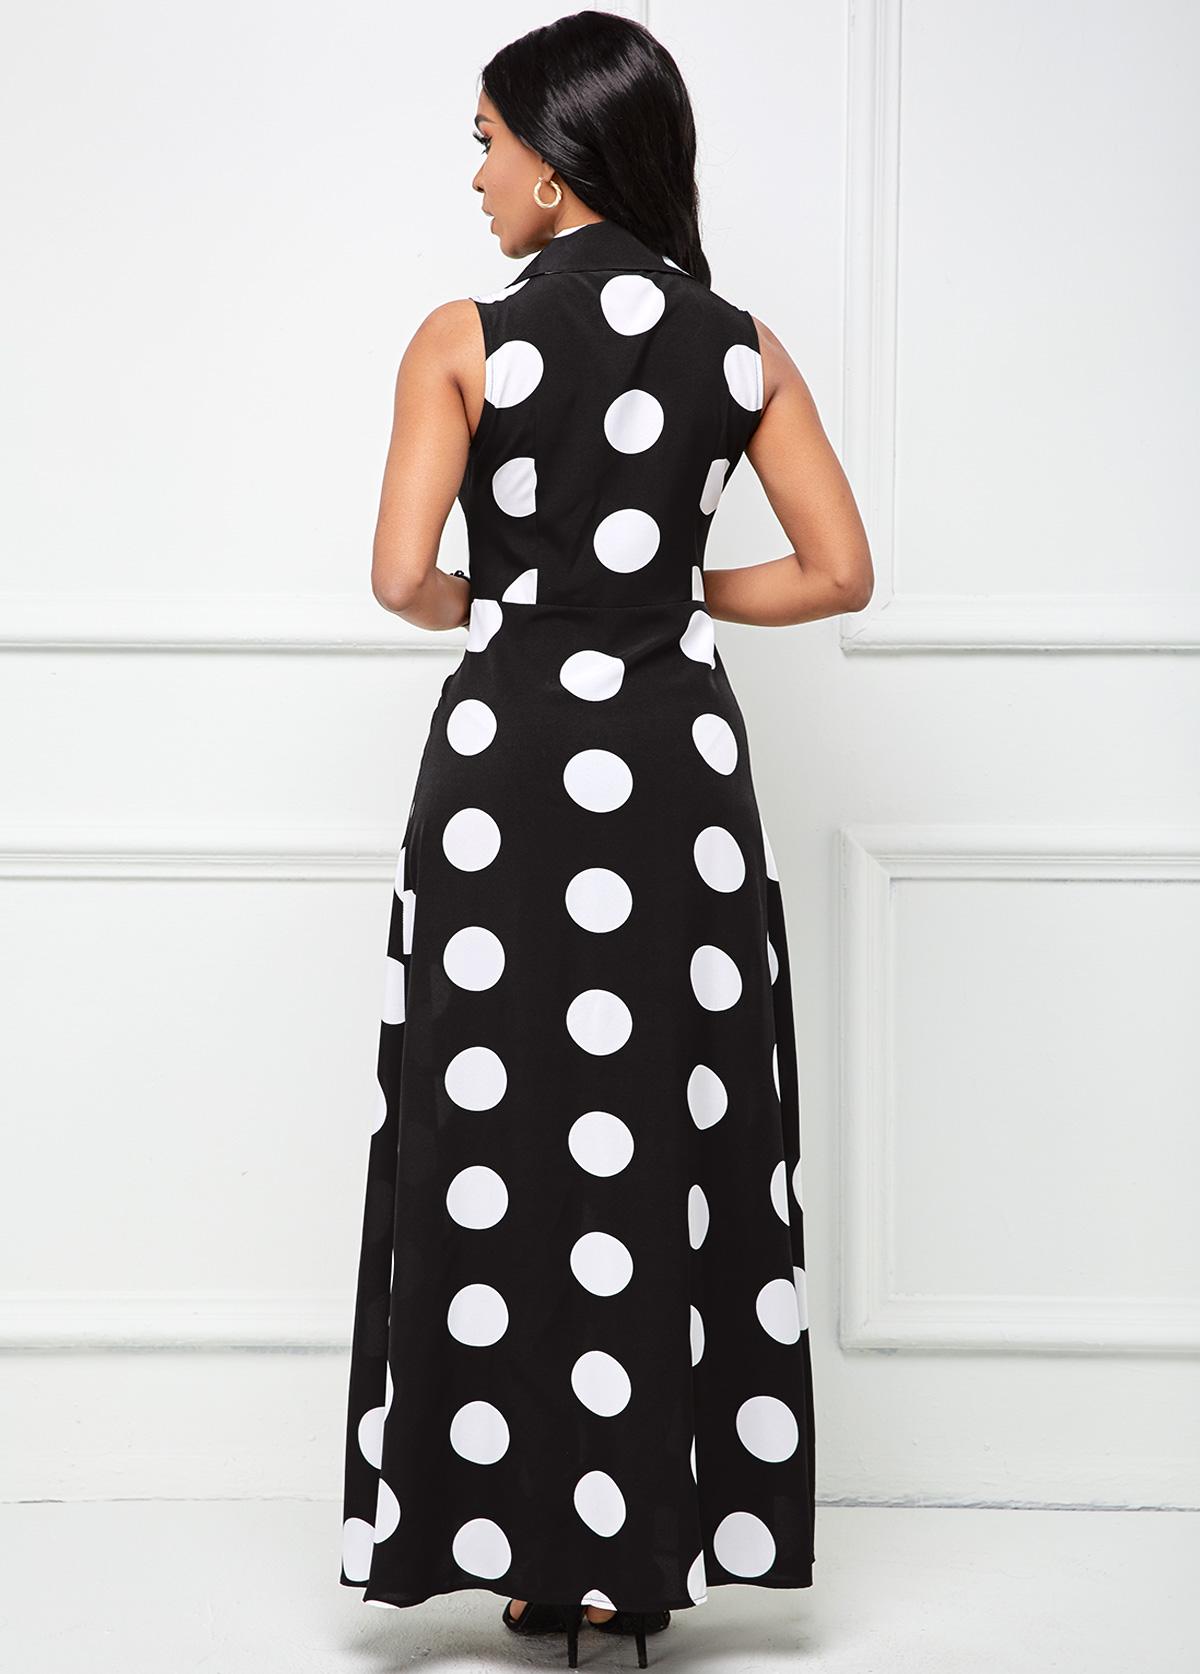 Pocket Polka Dot Button Up Shirt Dress